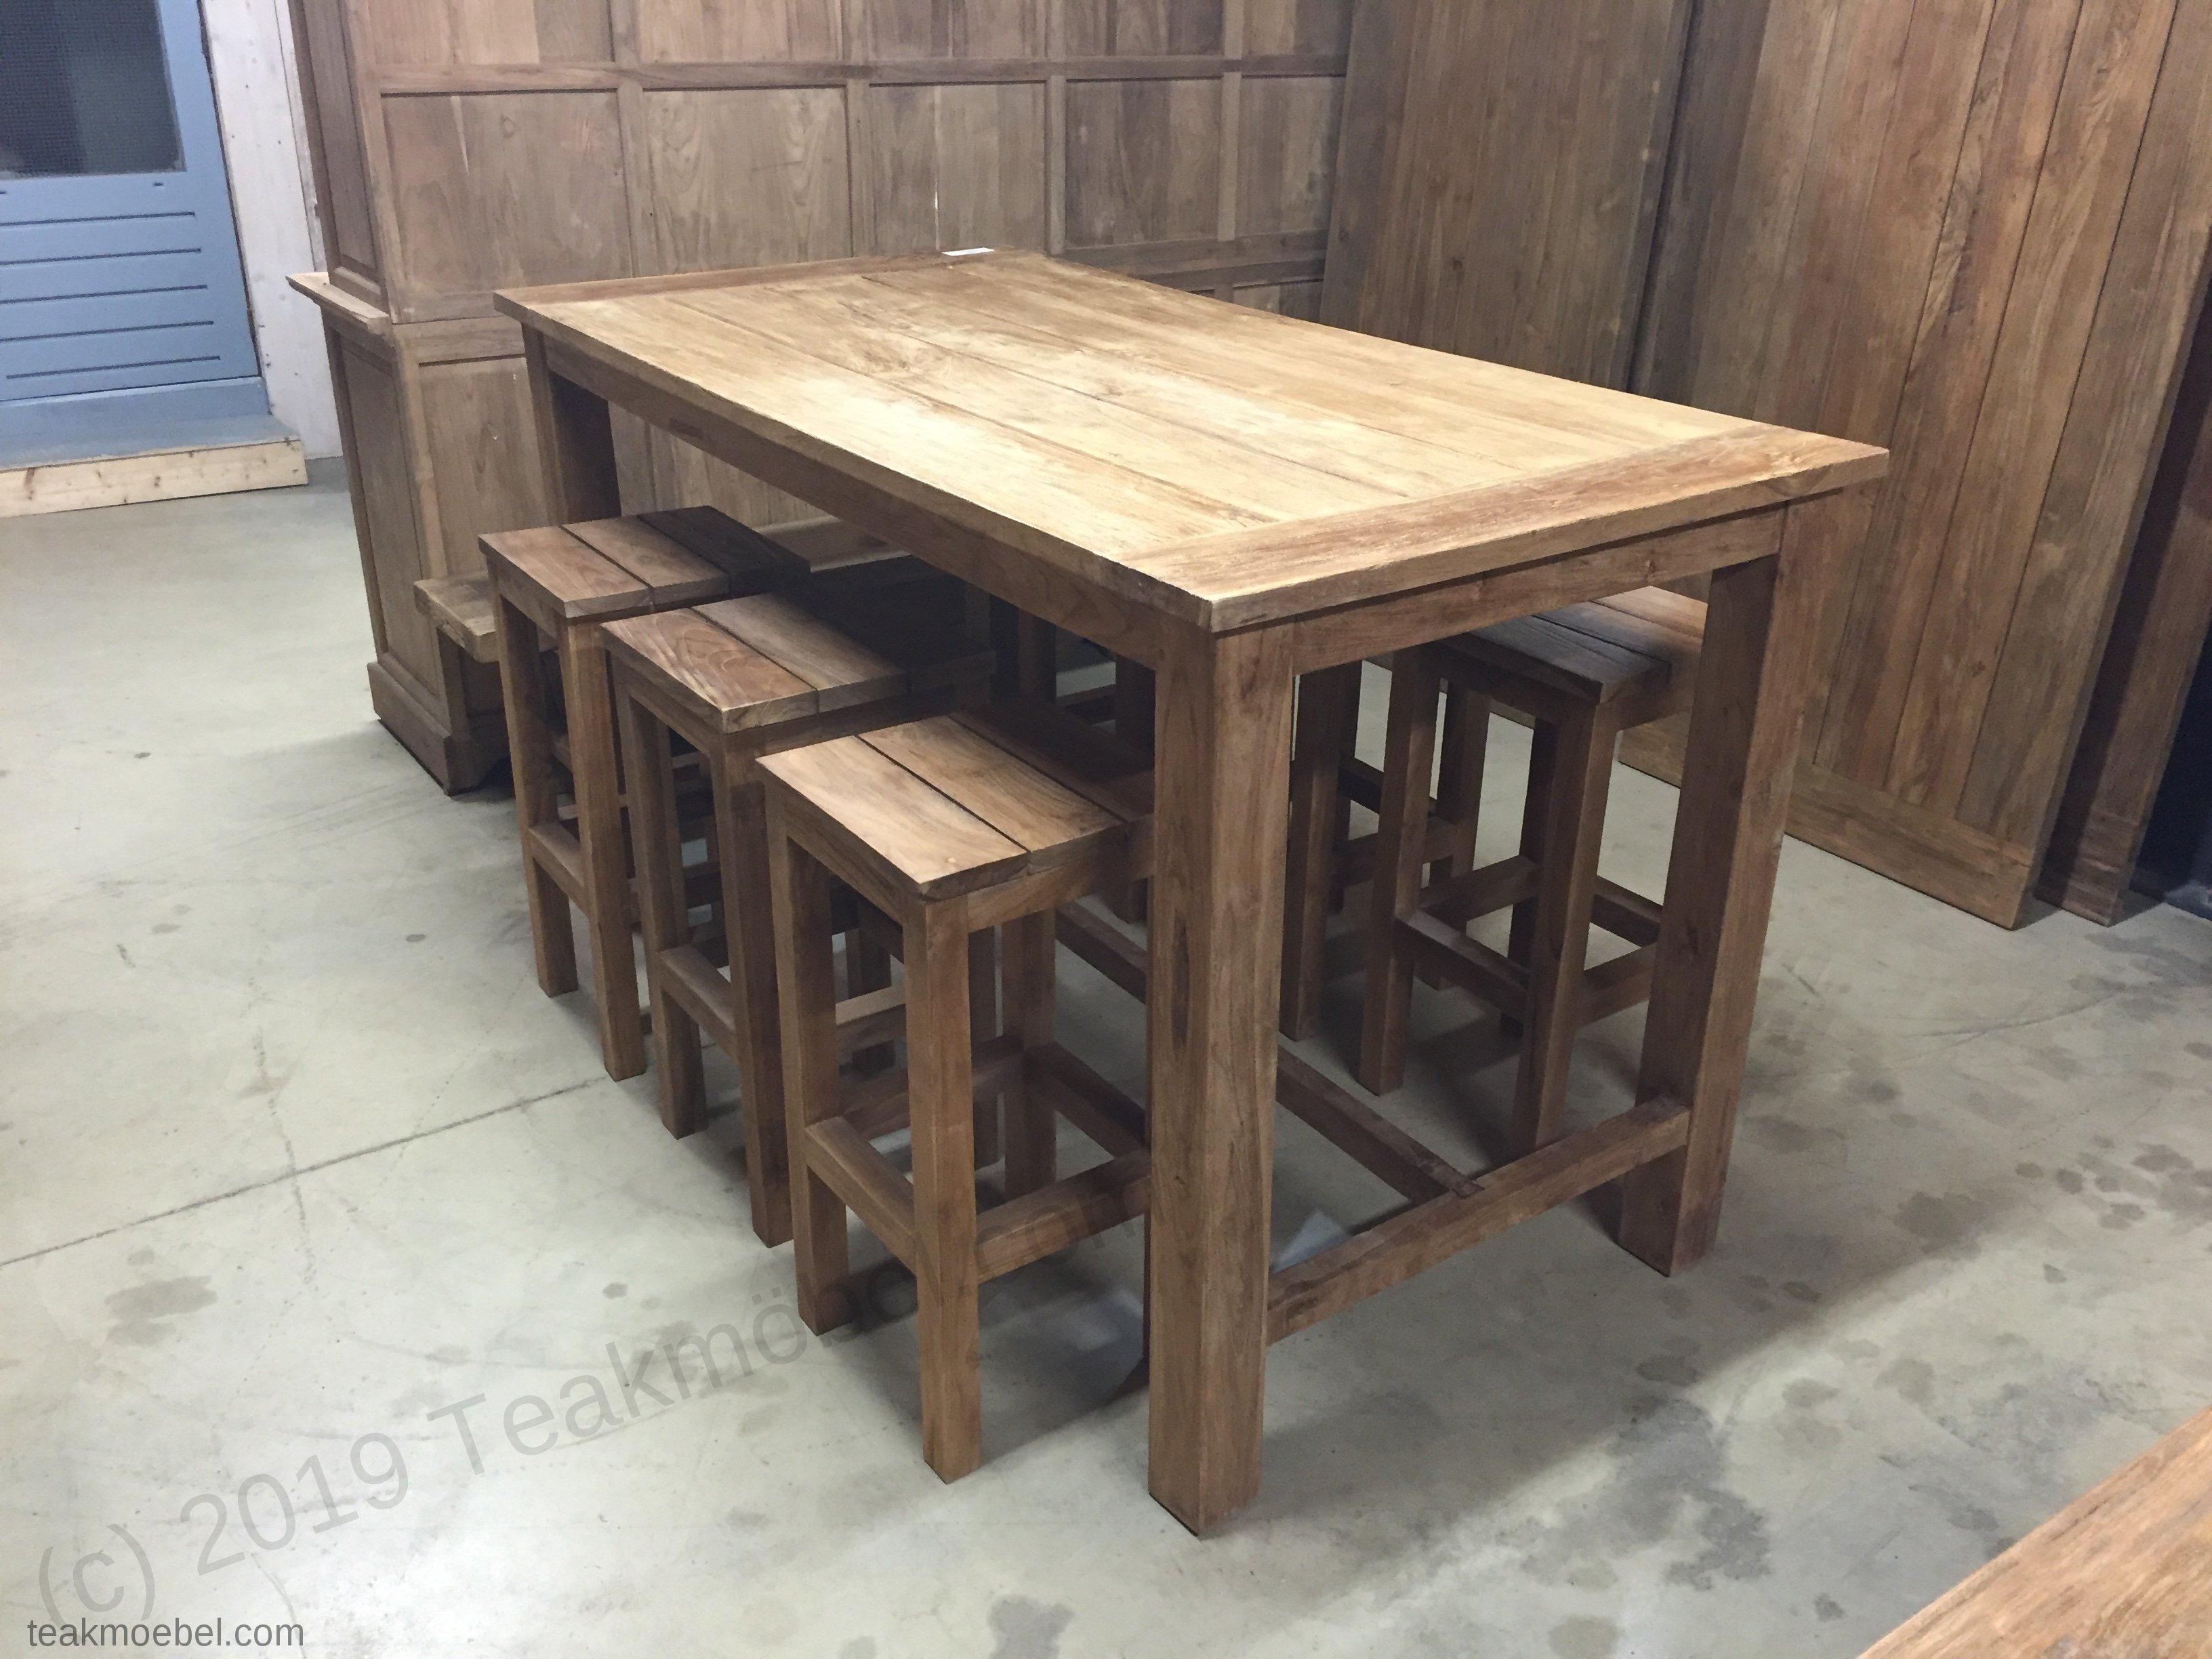 Teak gartentisch bartisch 180x90cm 6 barhocker for Teak barhocker